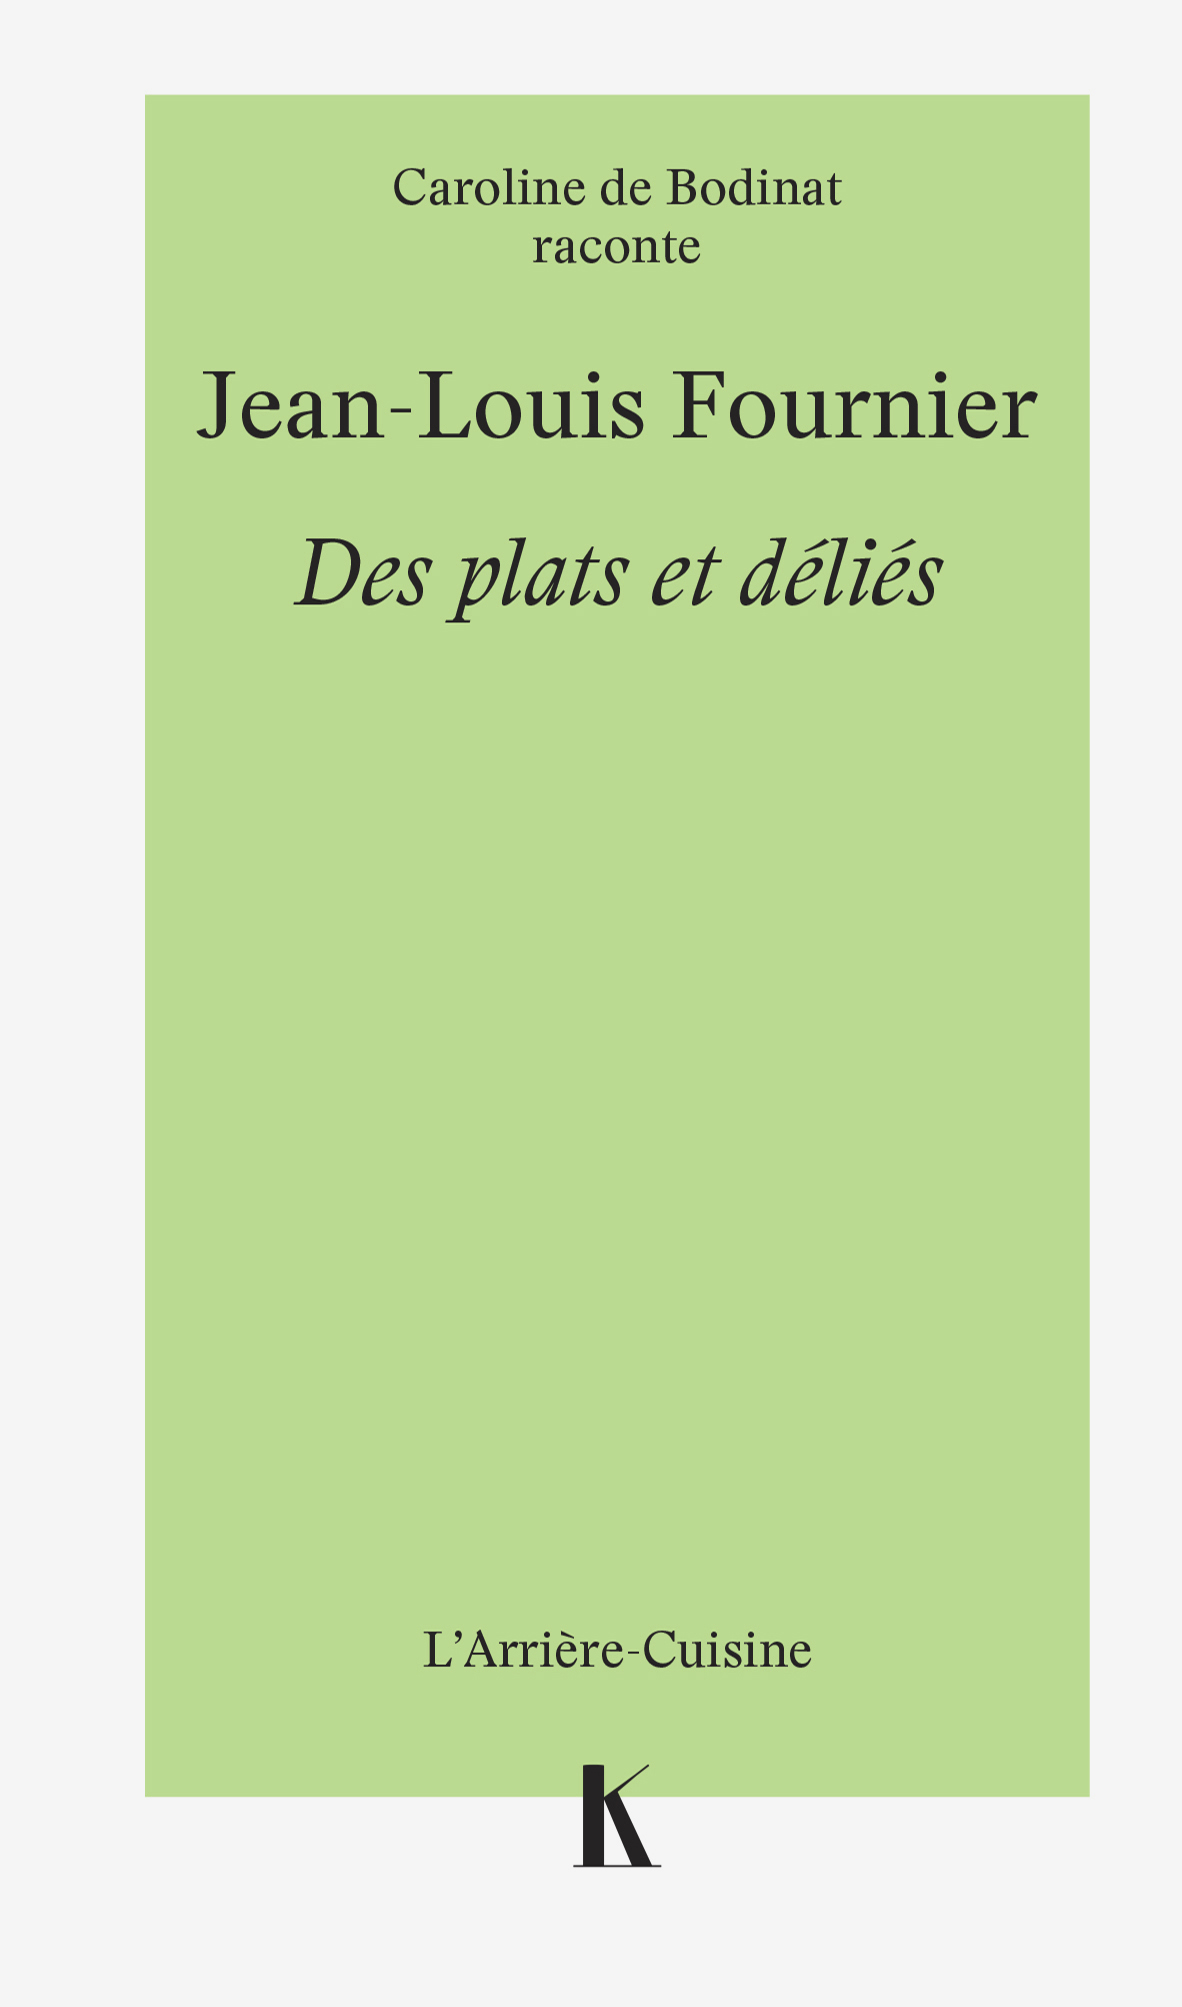 JeanLouisFournier des plats et delies Cover 2 Keribus editions